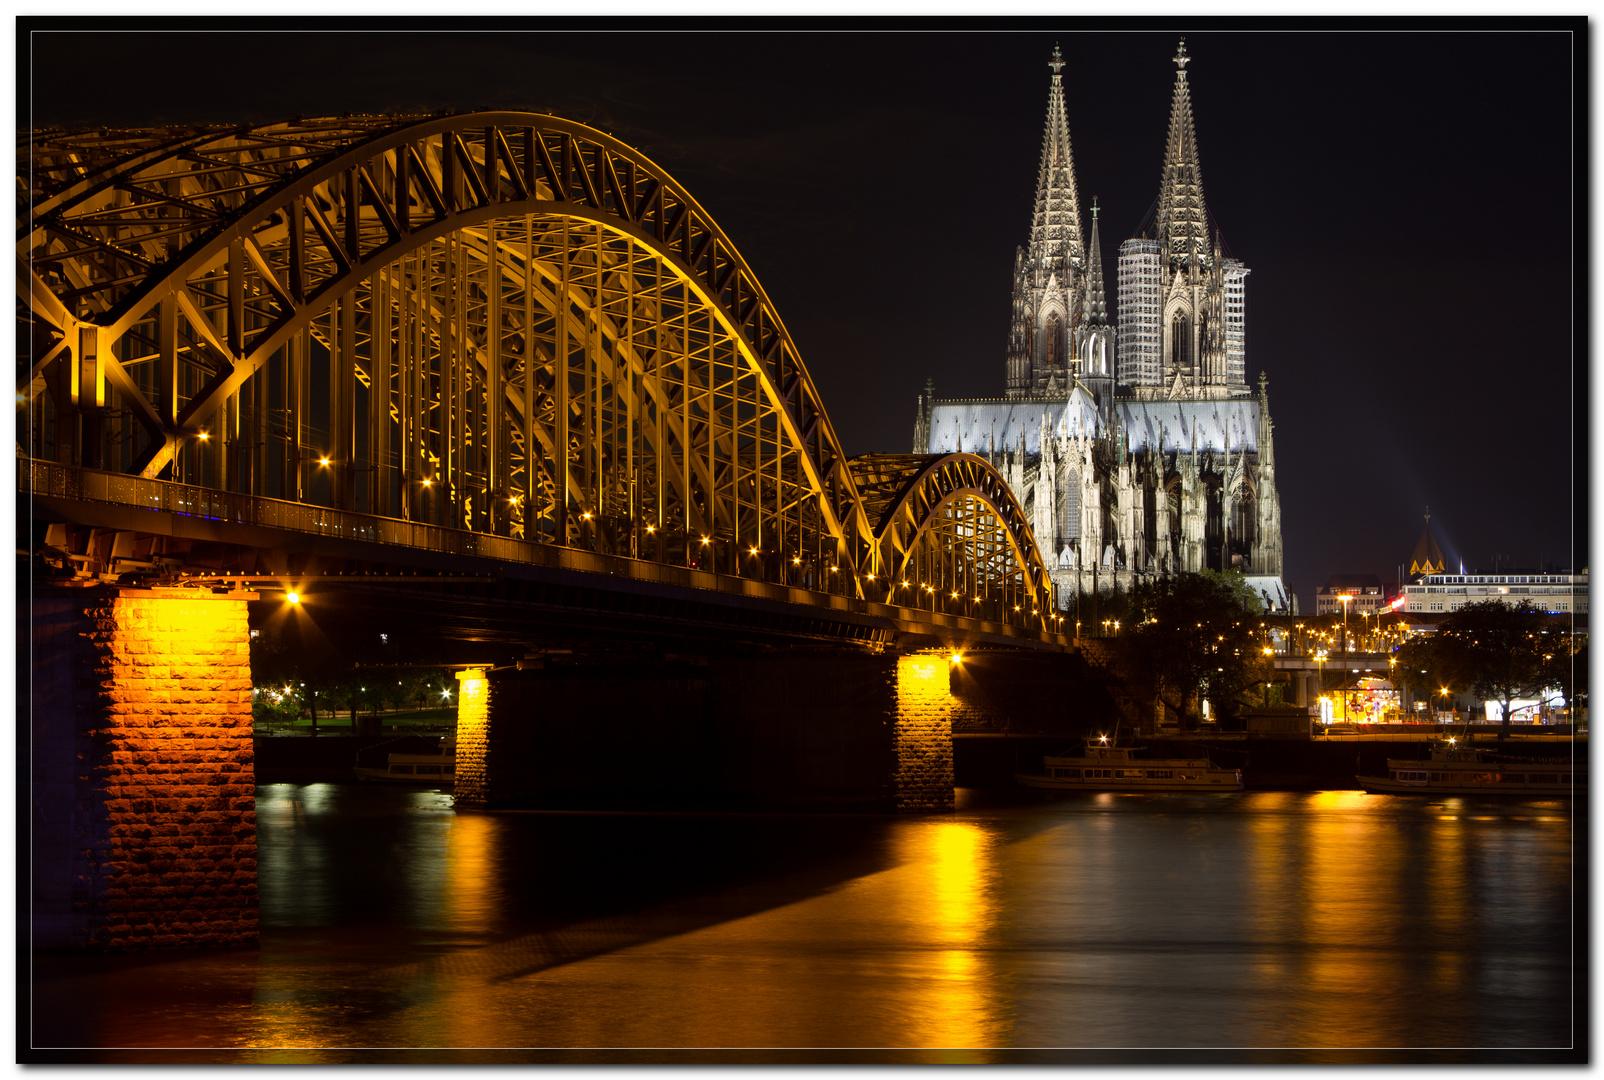 Der Kölner Dom bei Nacht V